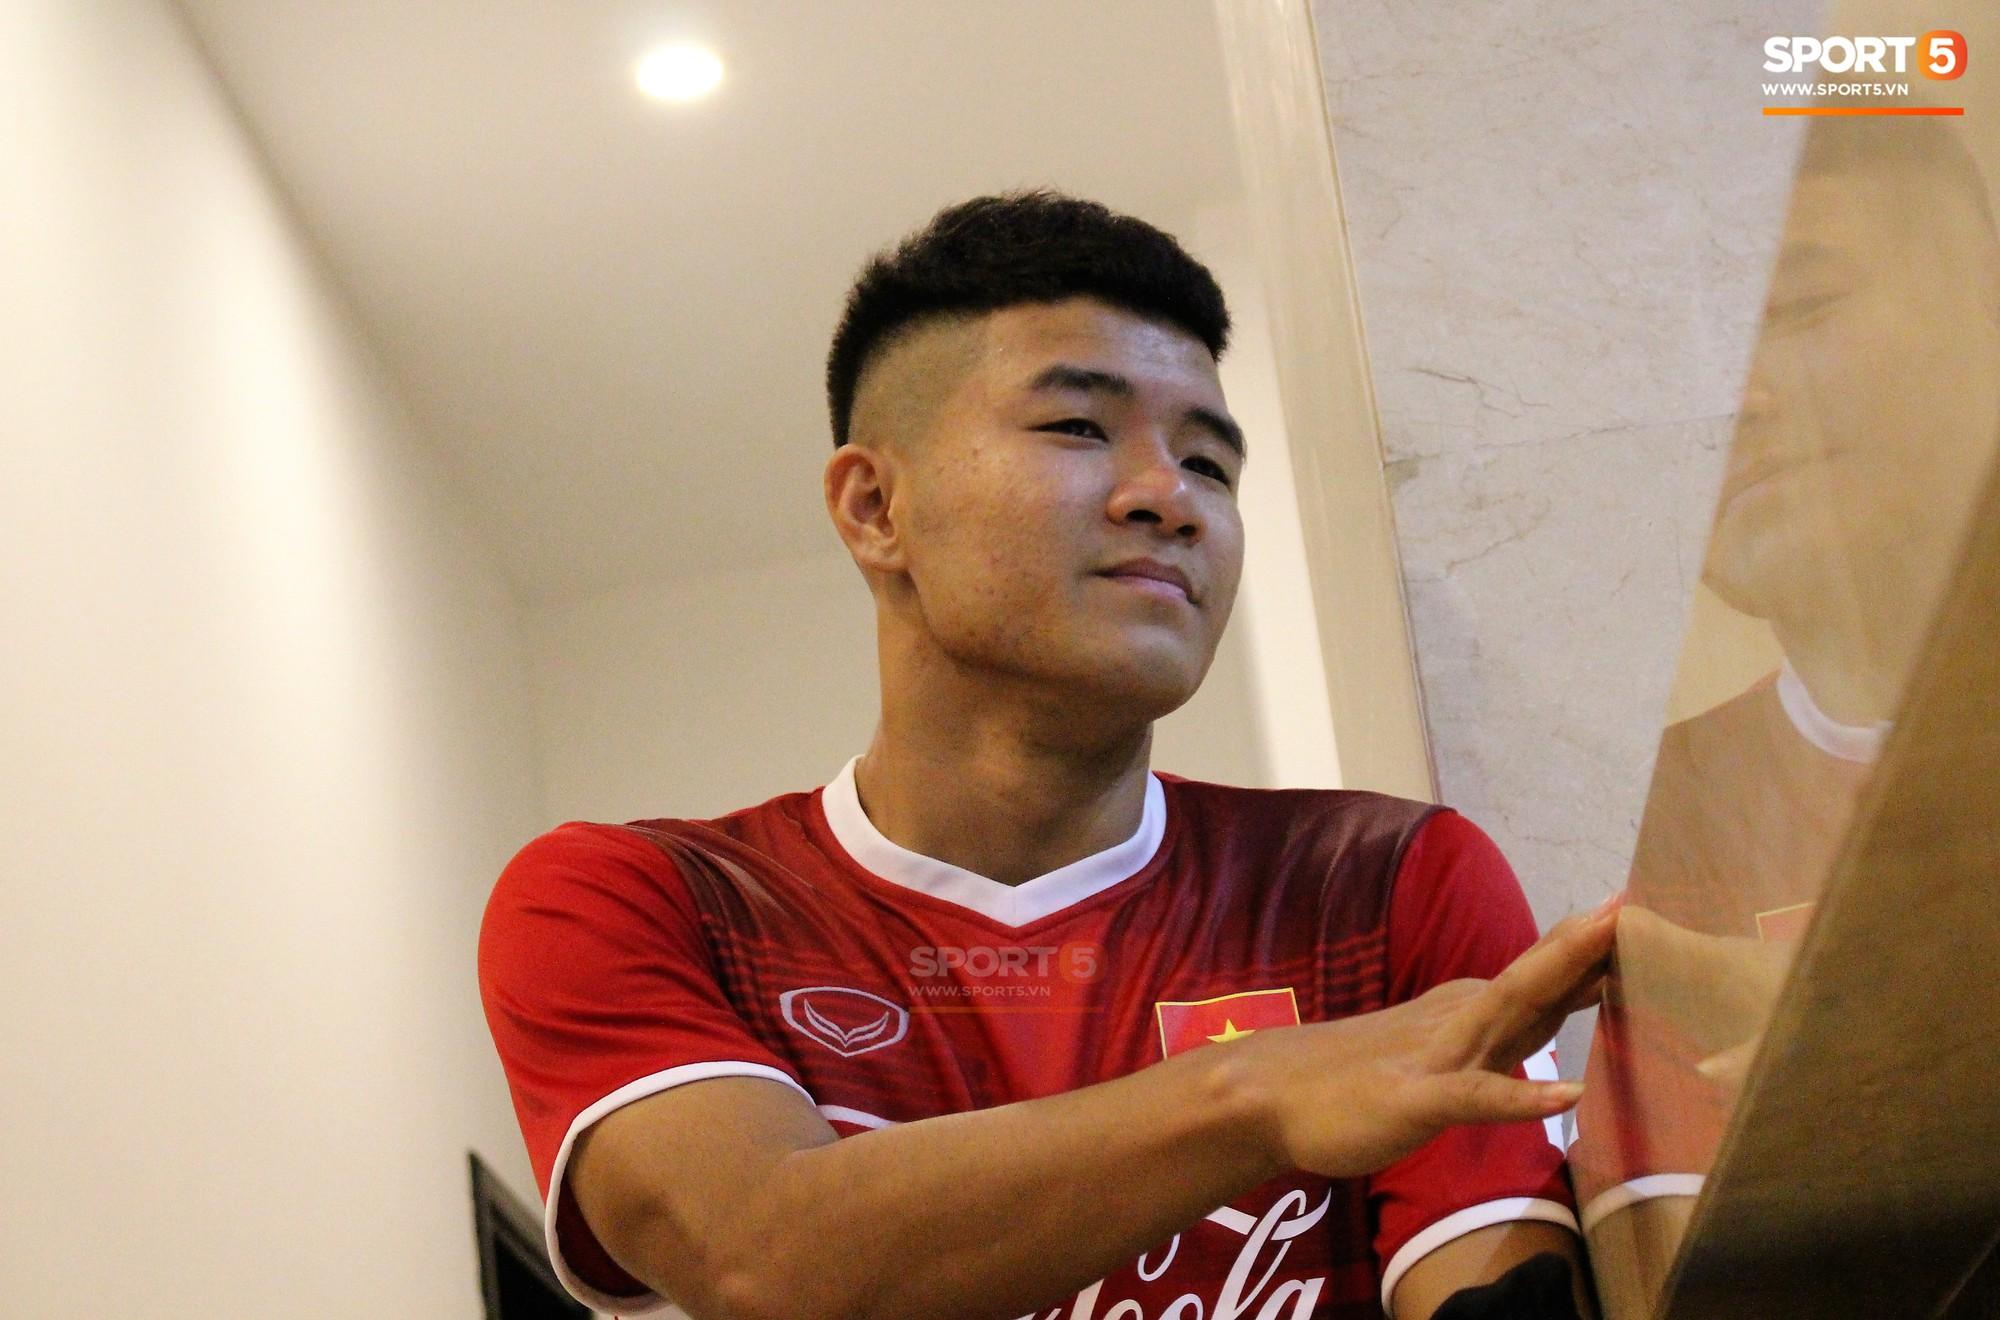 Hà Đức Chinh kêu trời vì đau bụng sau buổi tập đầu tiên cùng đội tuyển Việt Nam chuẩn bị cho AFF Cup 2018-1